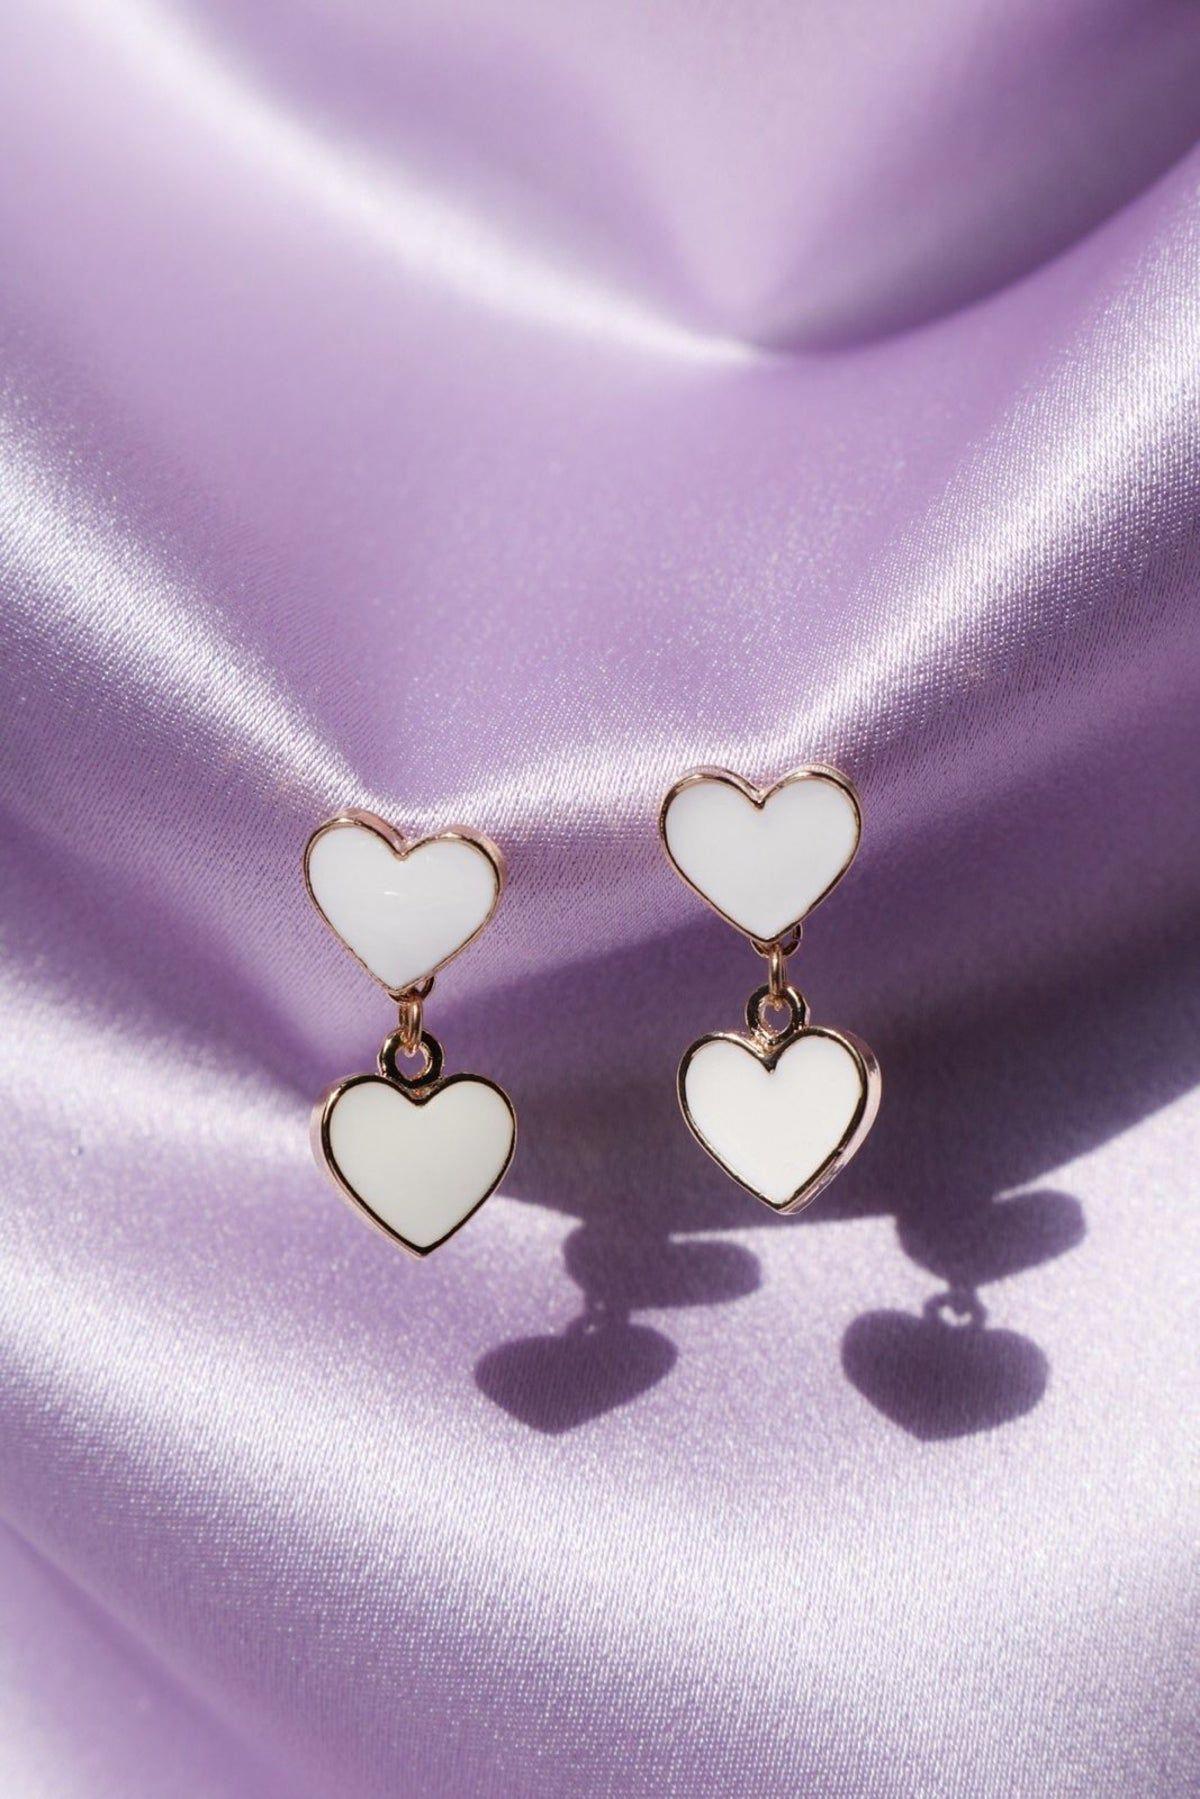 Opal Stud Earrings, Opal Lotus Flower Jewelry, October